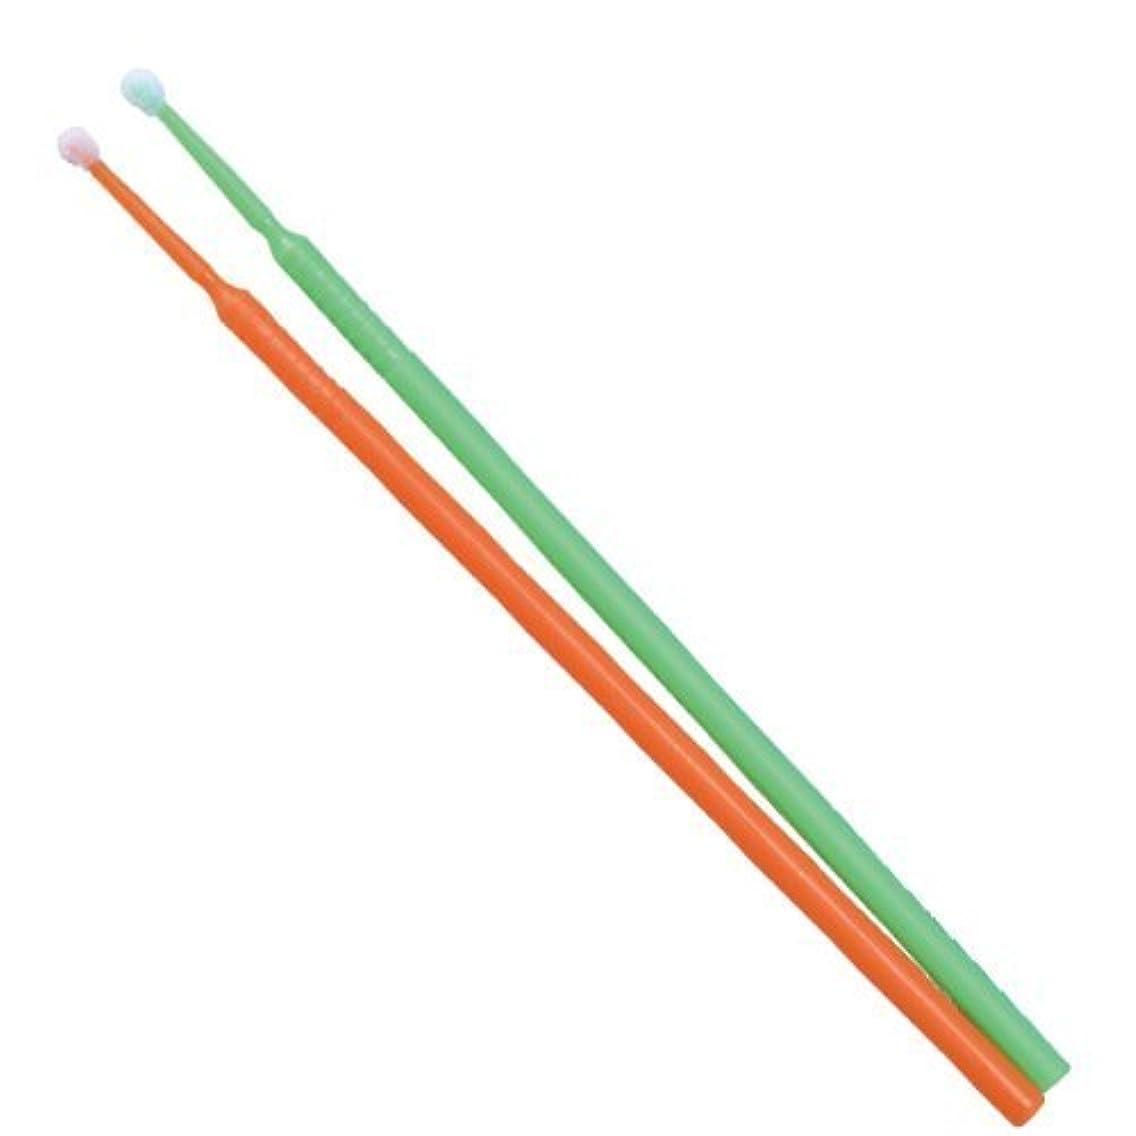 ロビー協力的教師の日TPCアプリケーターブラシ(マイクロブラシ)レギュラーφ2.0mm 100本入り(カラー:グリーンorオレンジ)